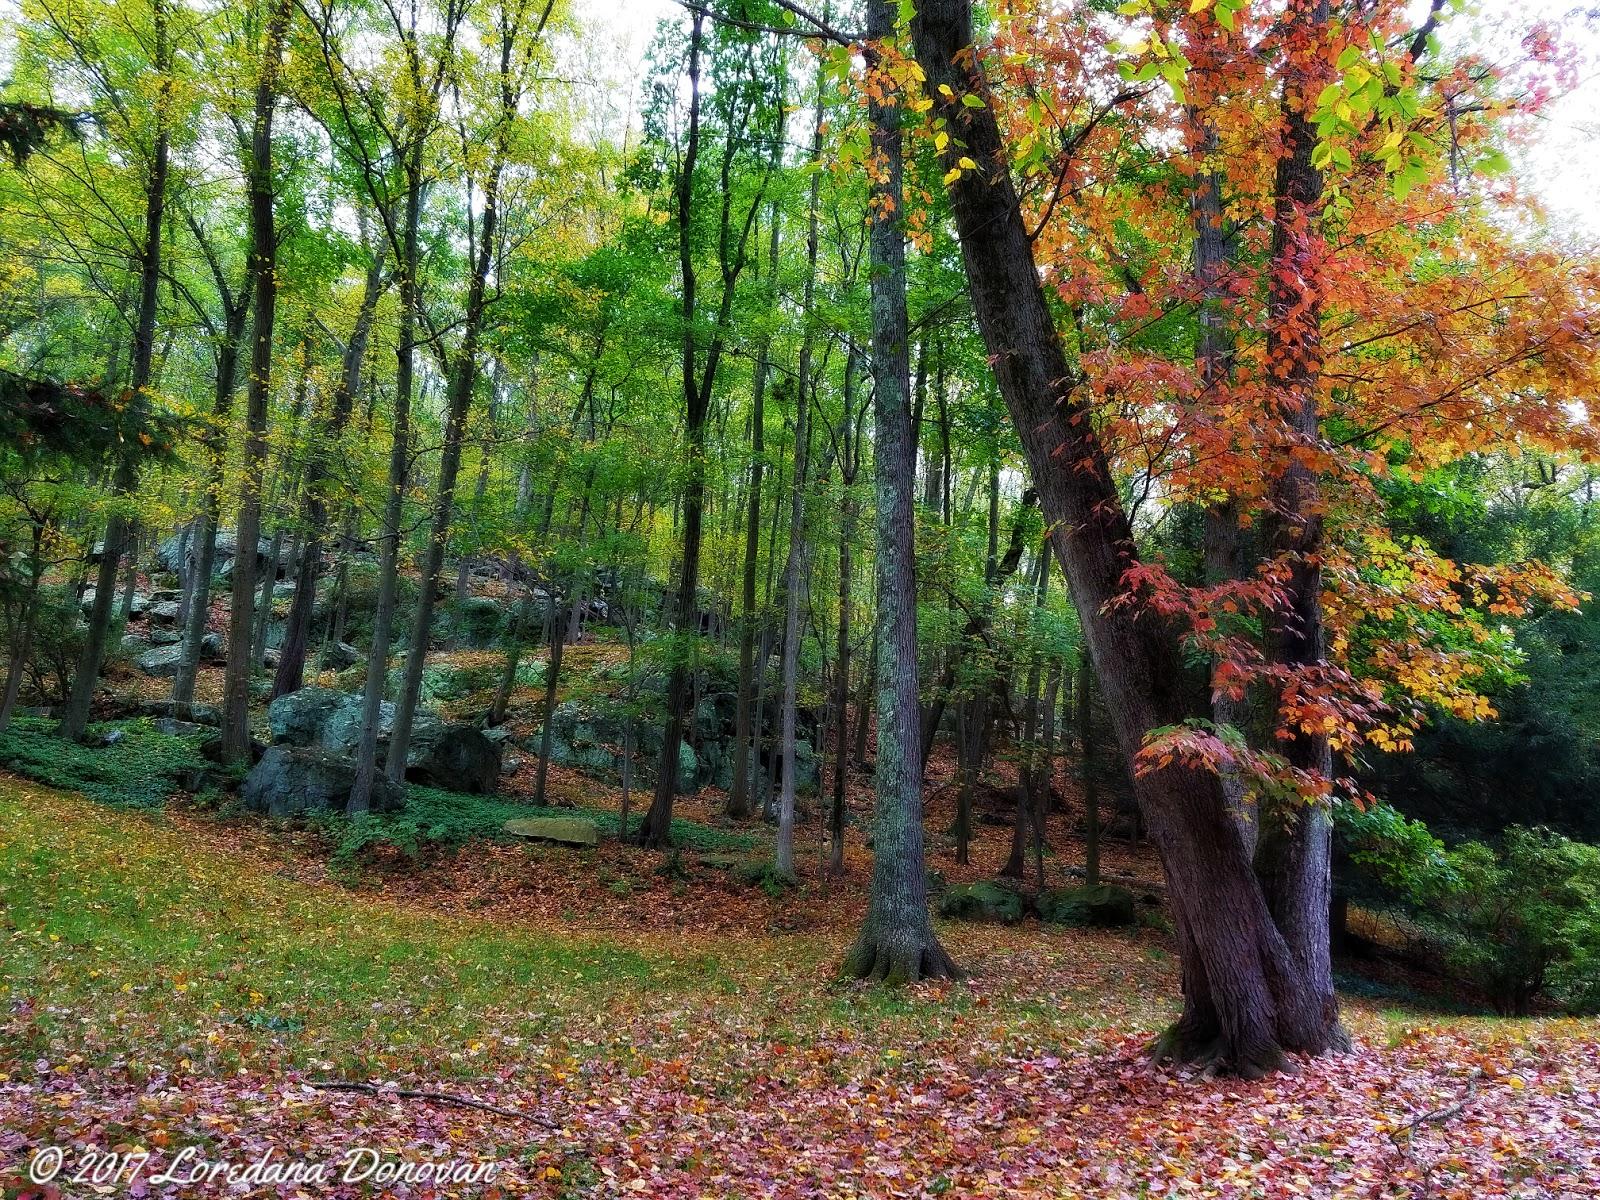 Blogging Away: Foliage Peak